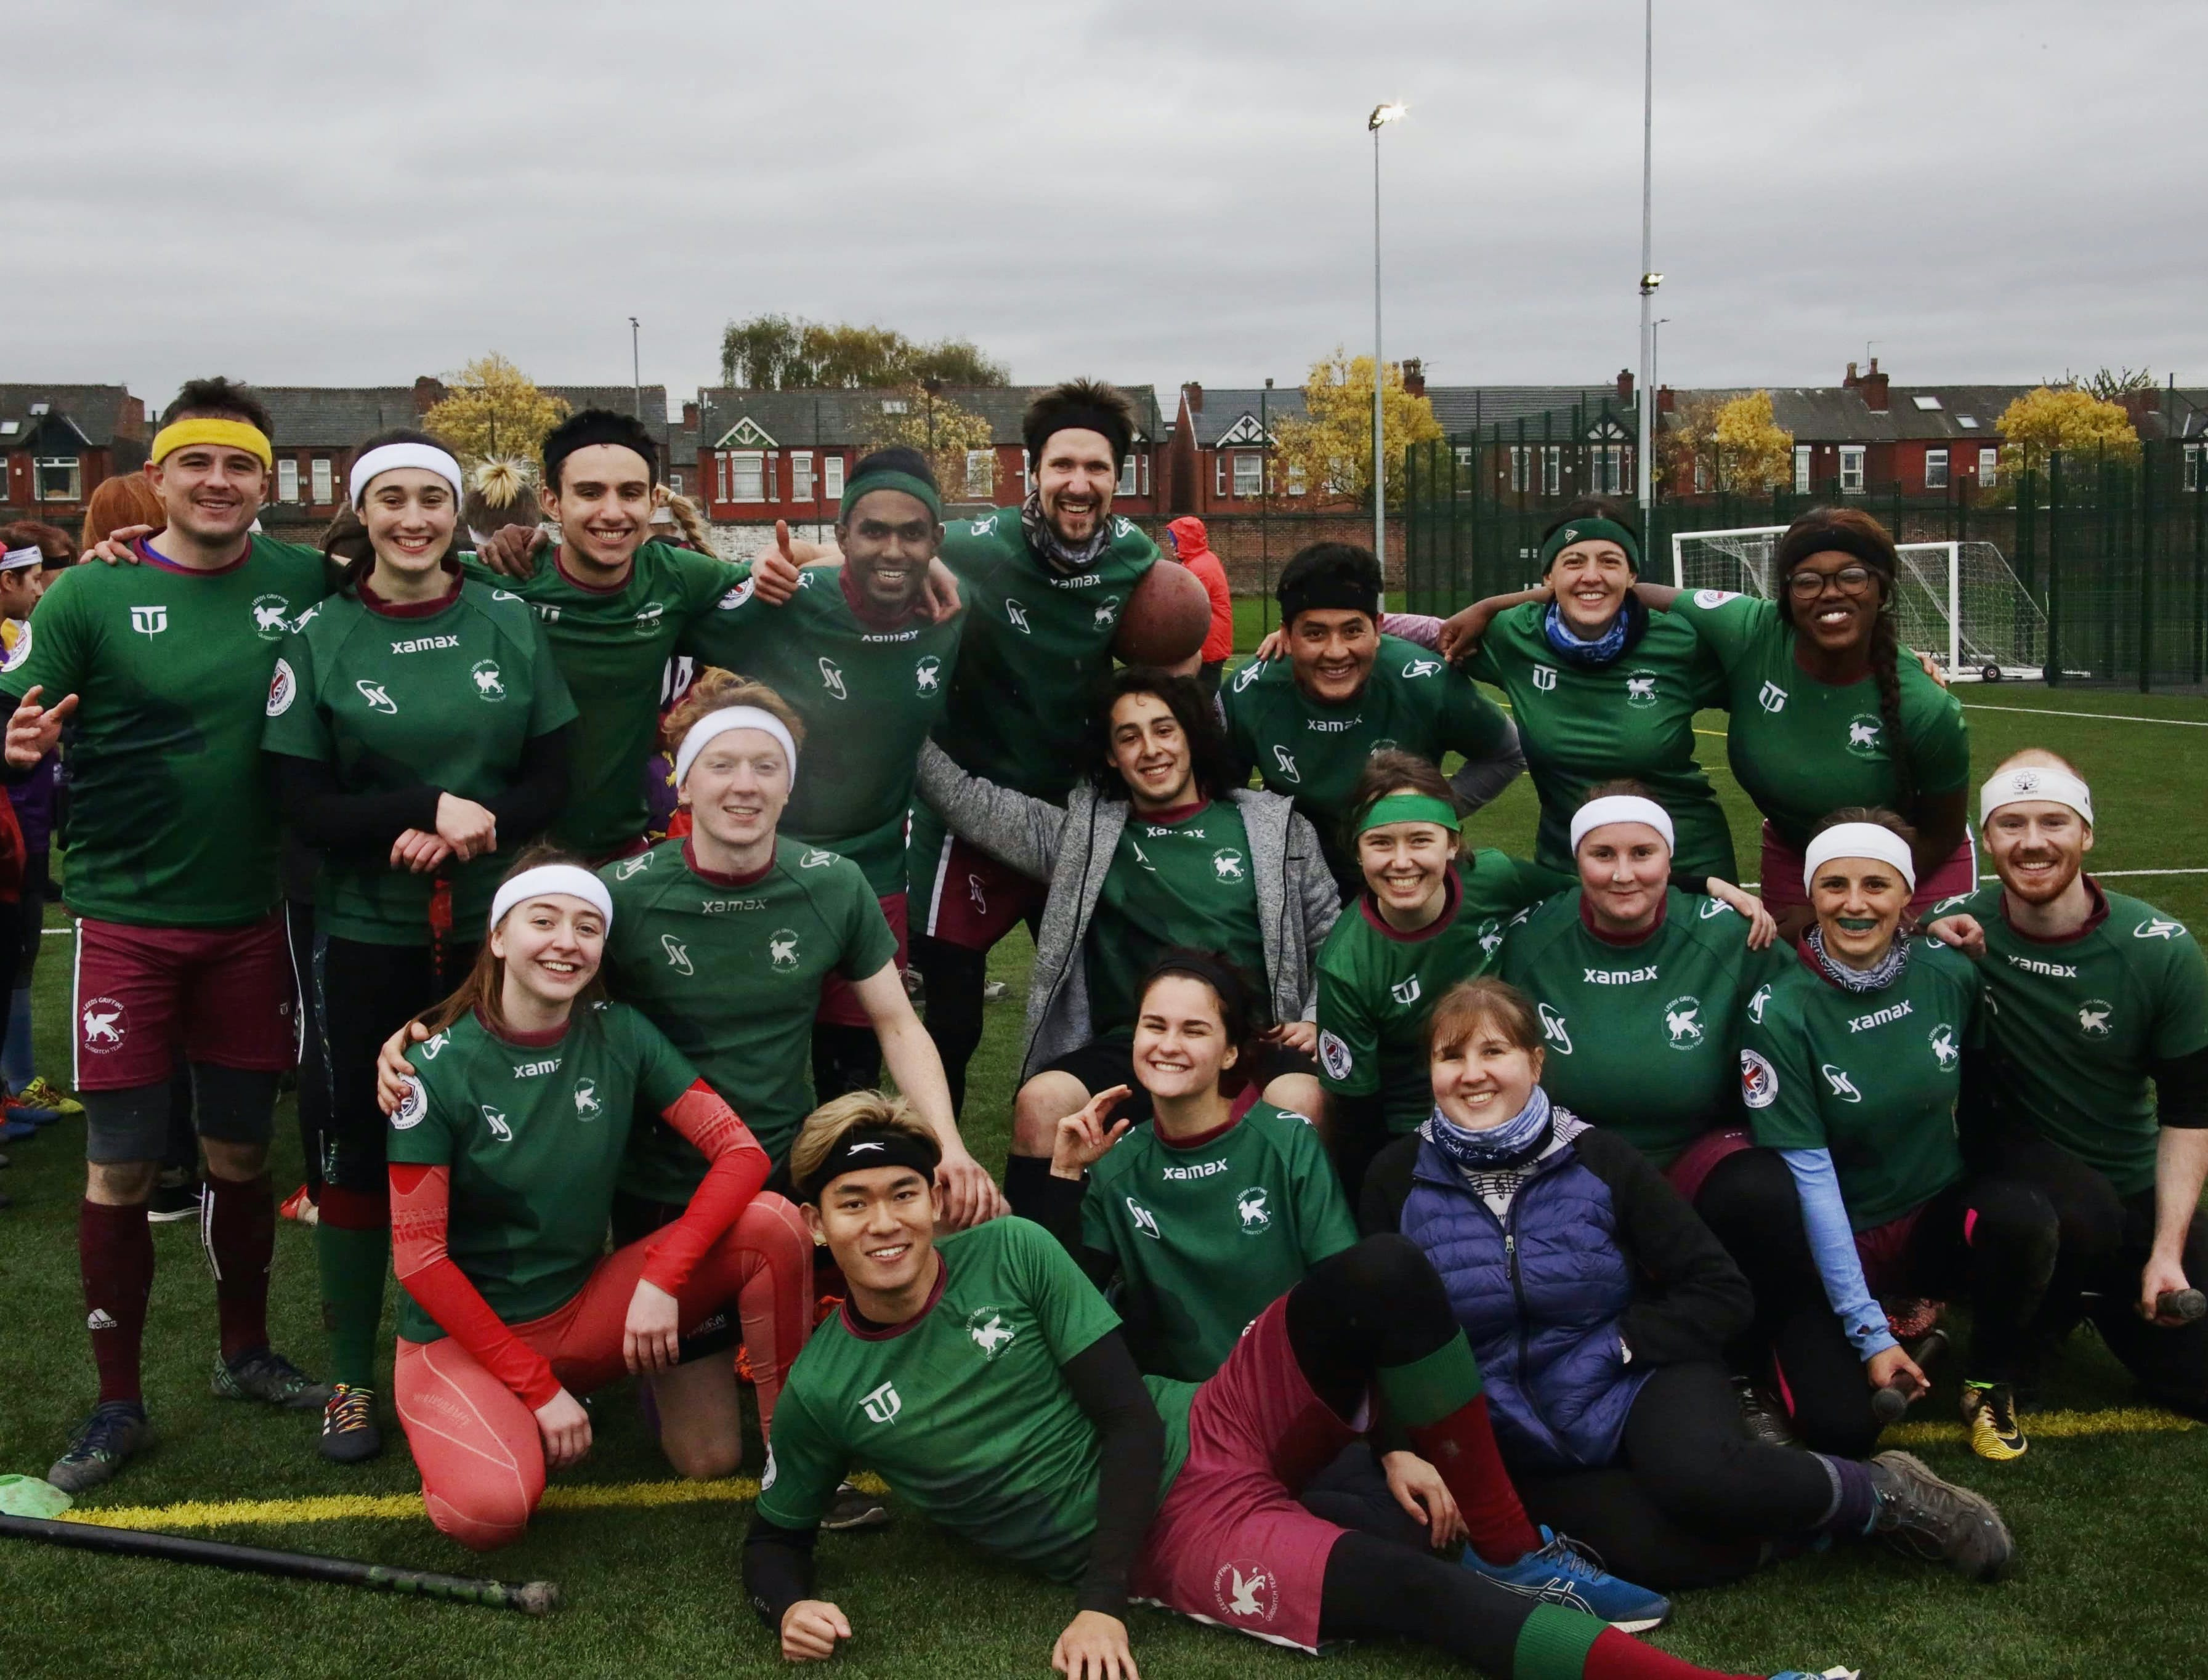 Leeds Griffins Quidditch Club